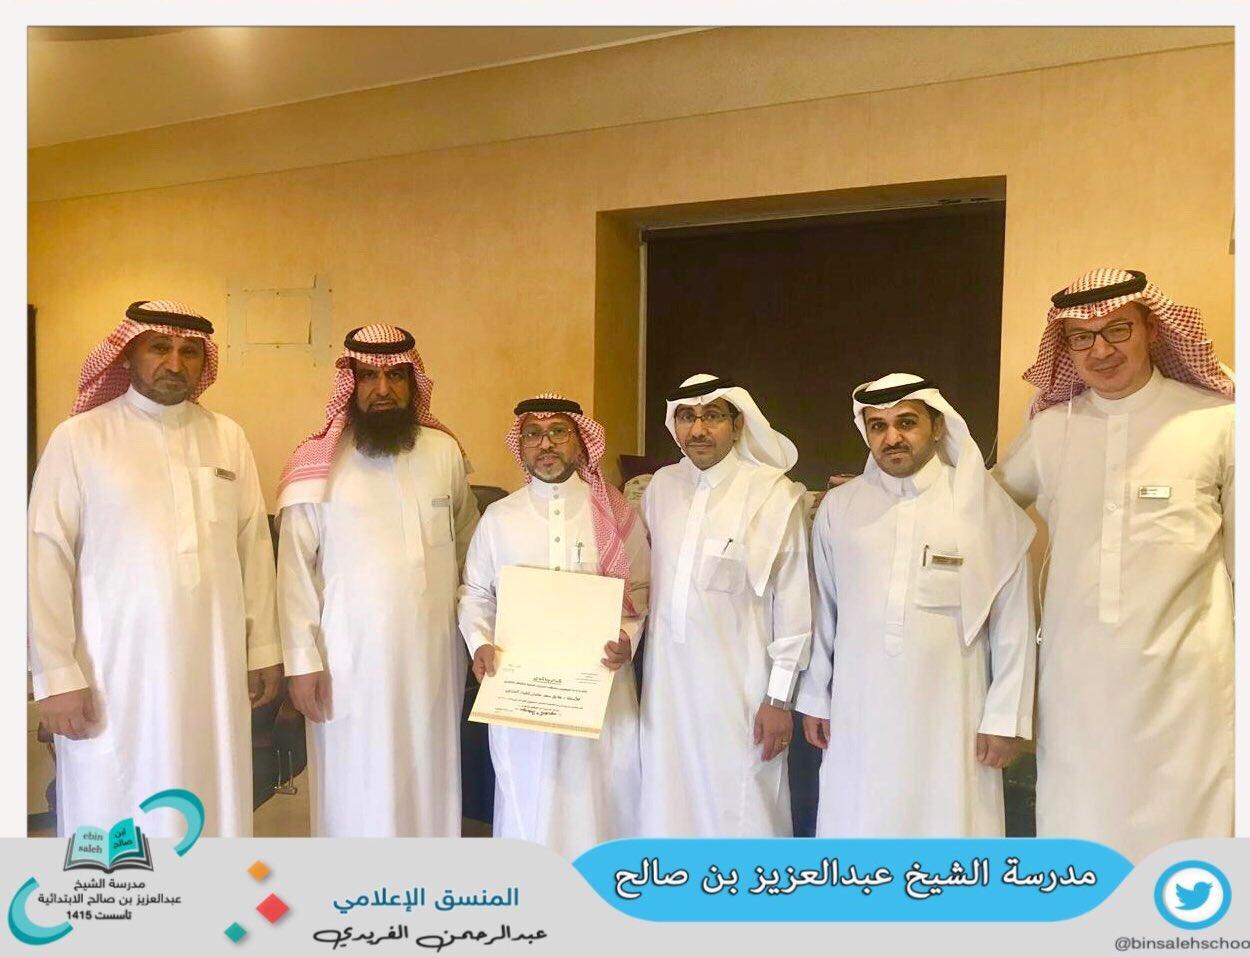 مدرسة الشيخ عبدالعزيز بن صالح On Twitter تم صباح اليوم الثلاثاء